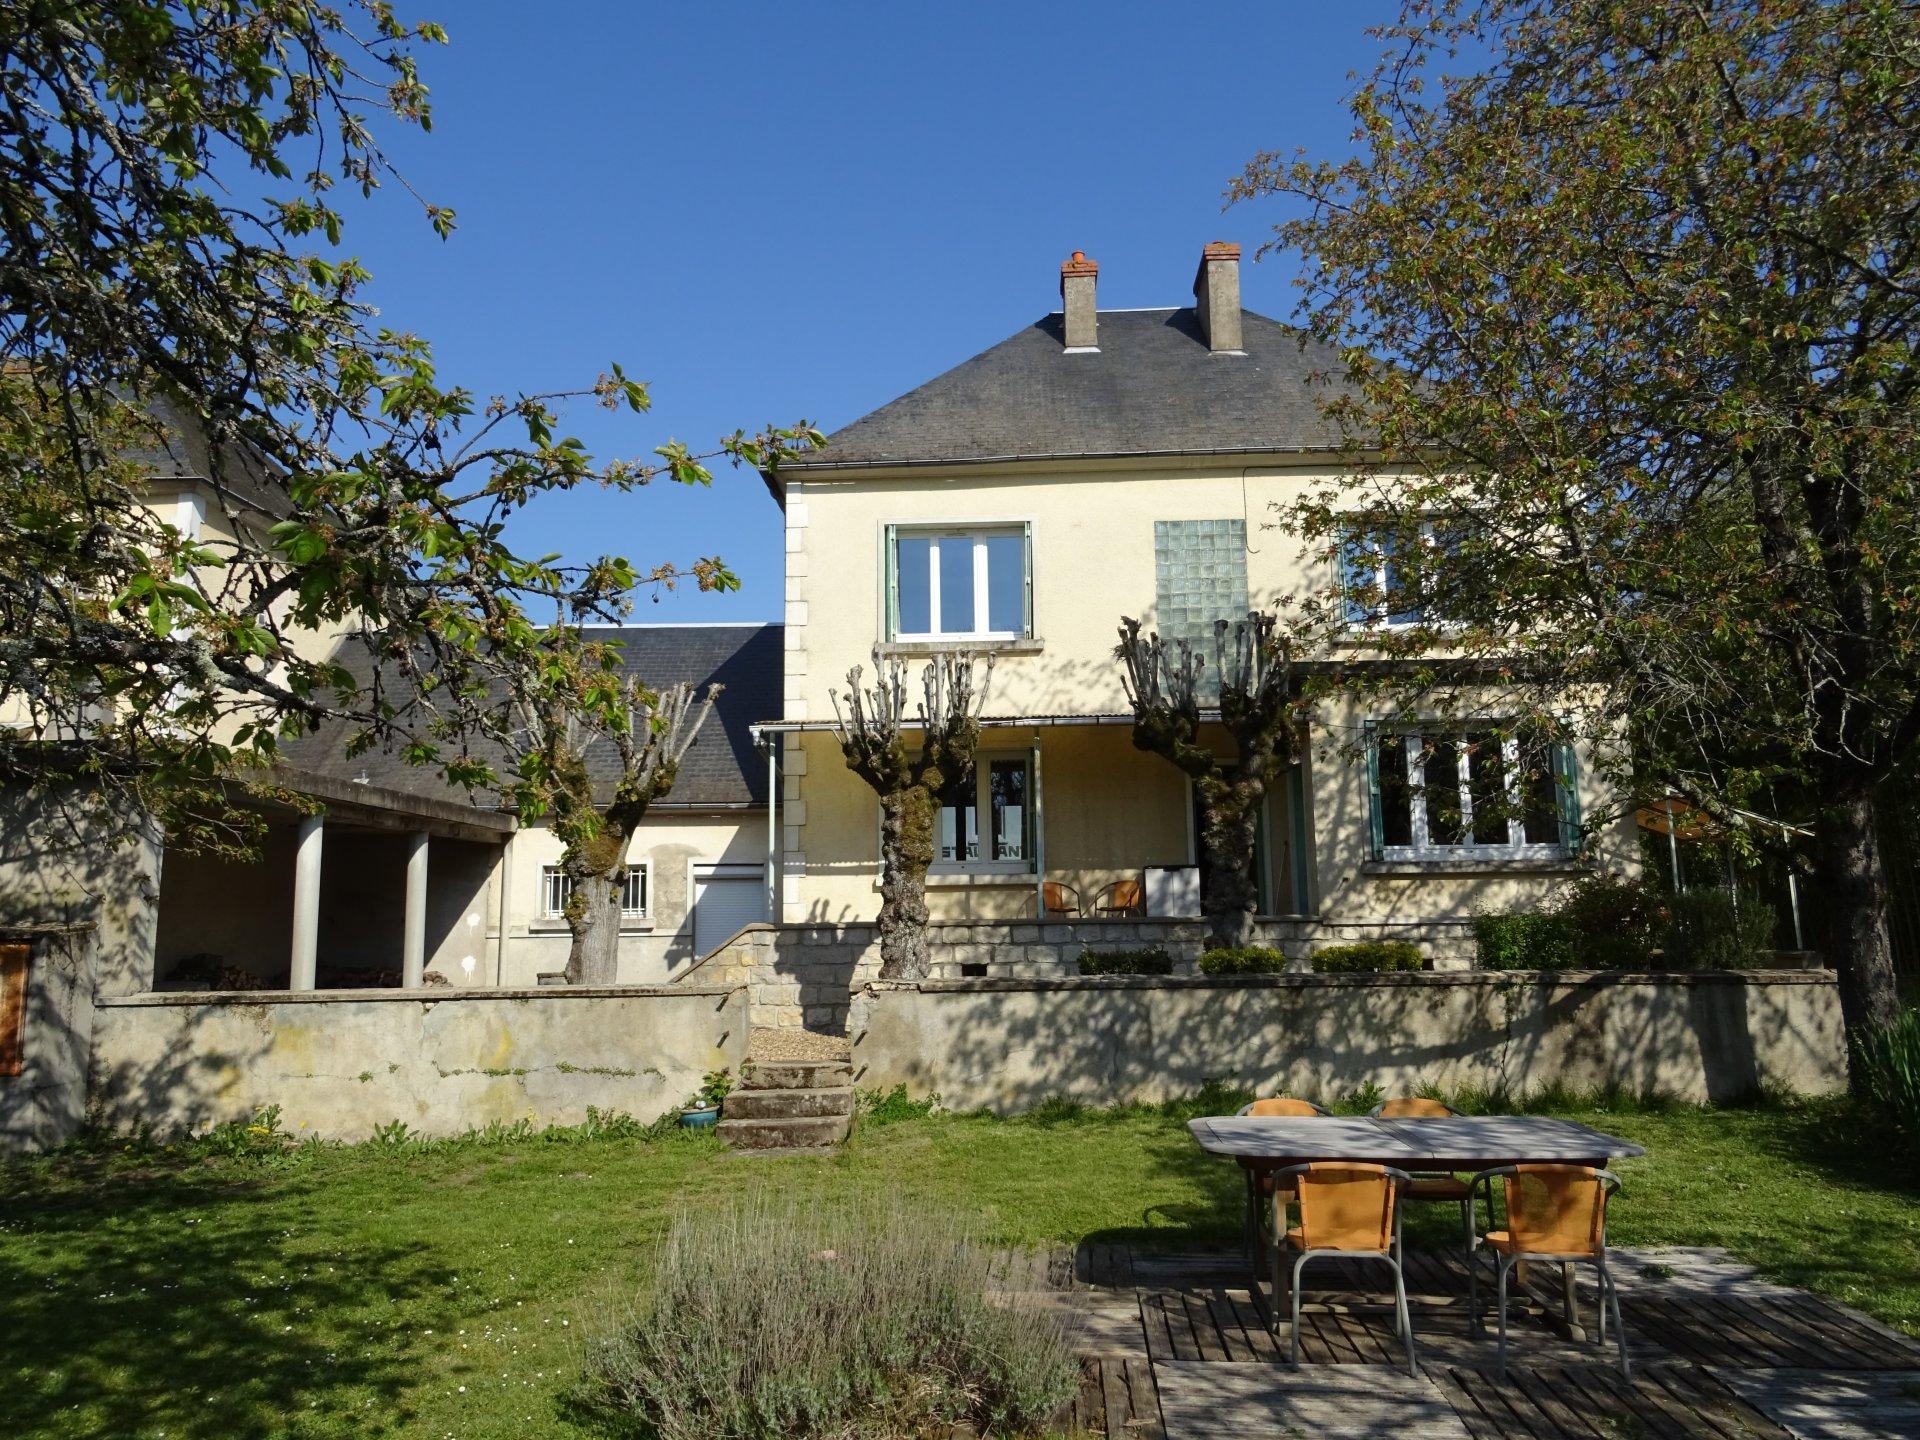 Maison bourgeoise - Nièvre